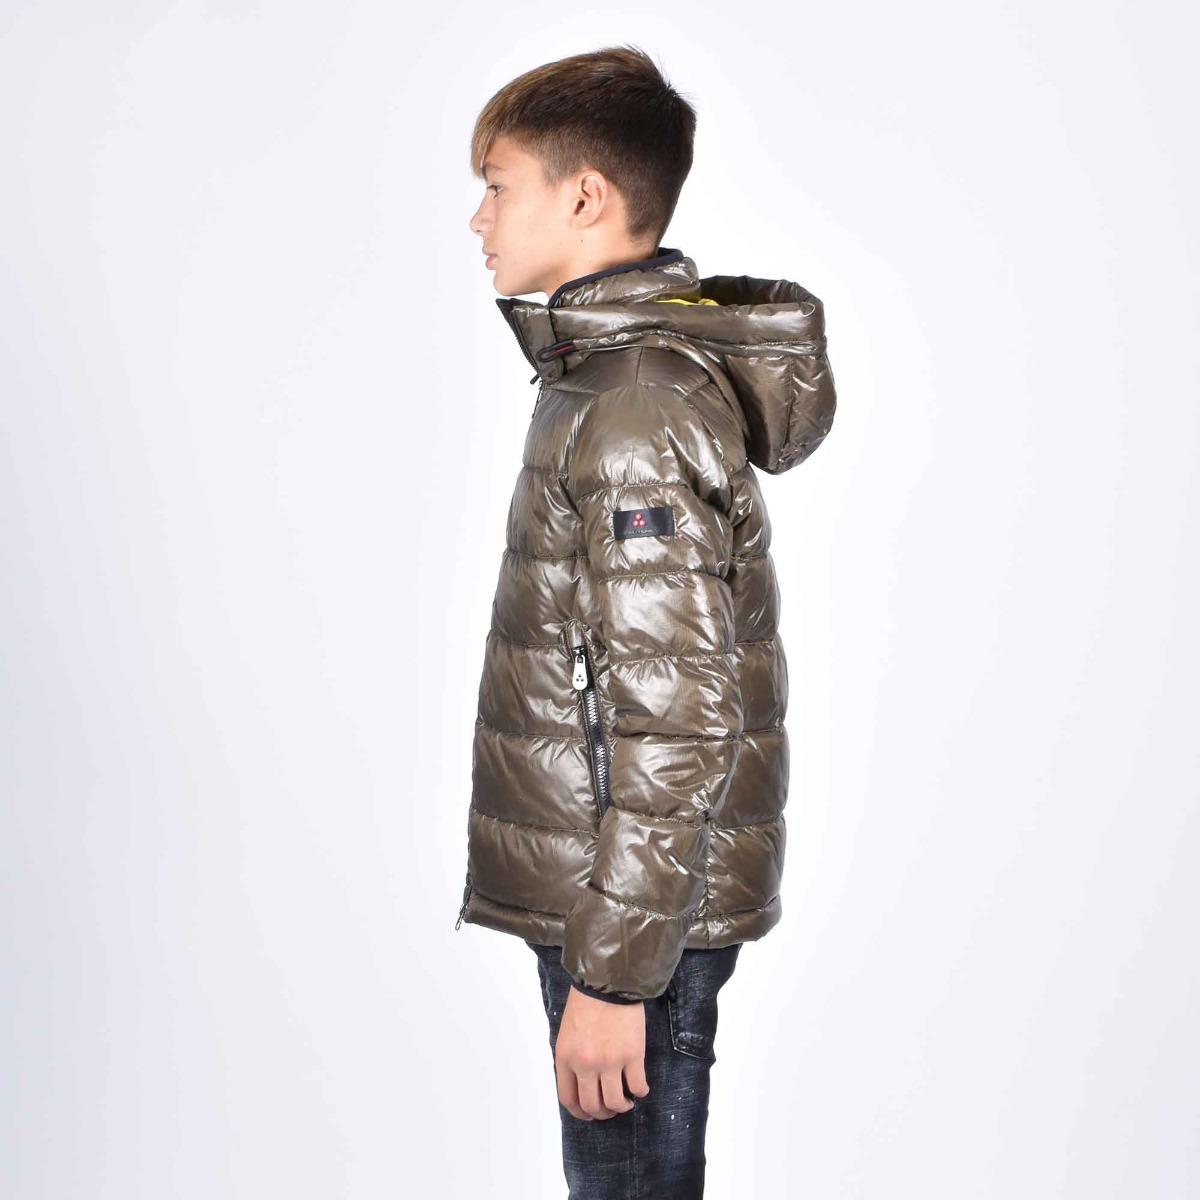 Giubbino boggs cy 01 kid- Verde militare